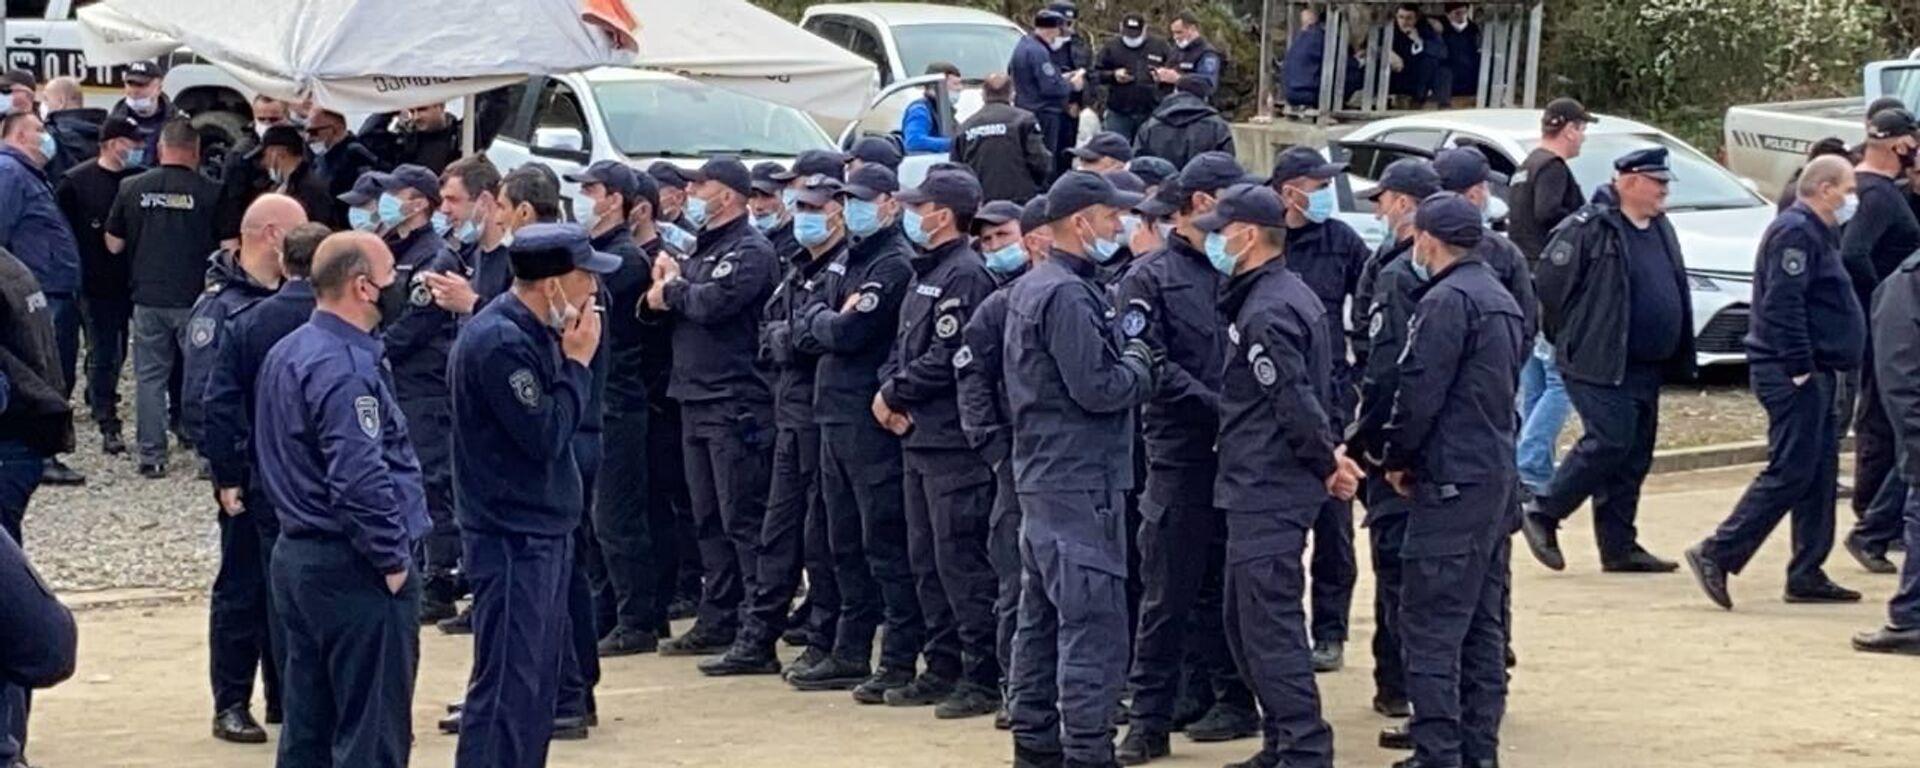 Полиция и охрана объекта. Акция протеста Защитников Риони против Намахвани ГЭС 15 апреля 2021 года - Sputnik Грузия, 1920, 14.06.2021